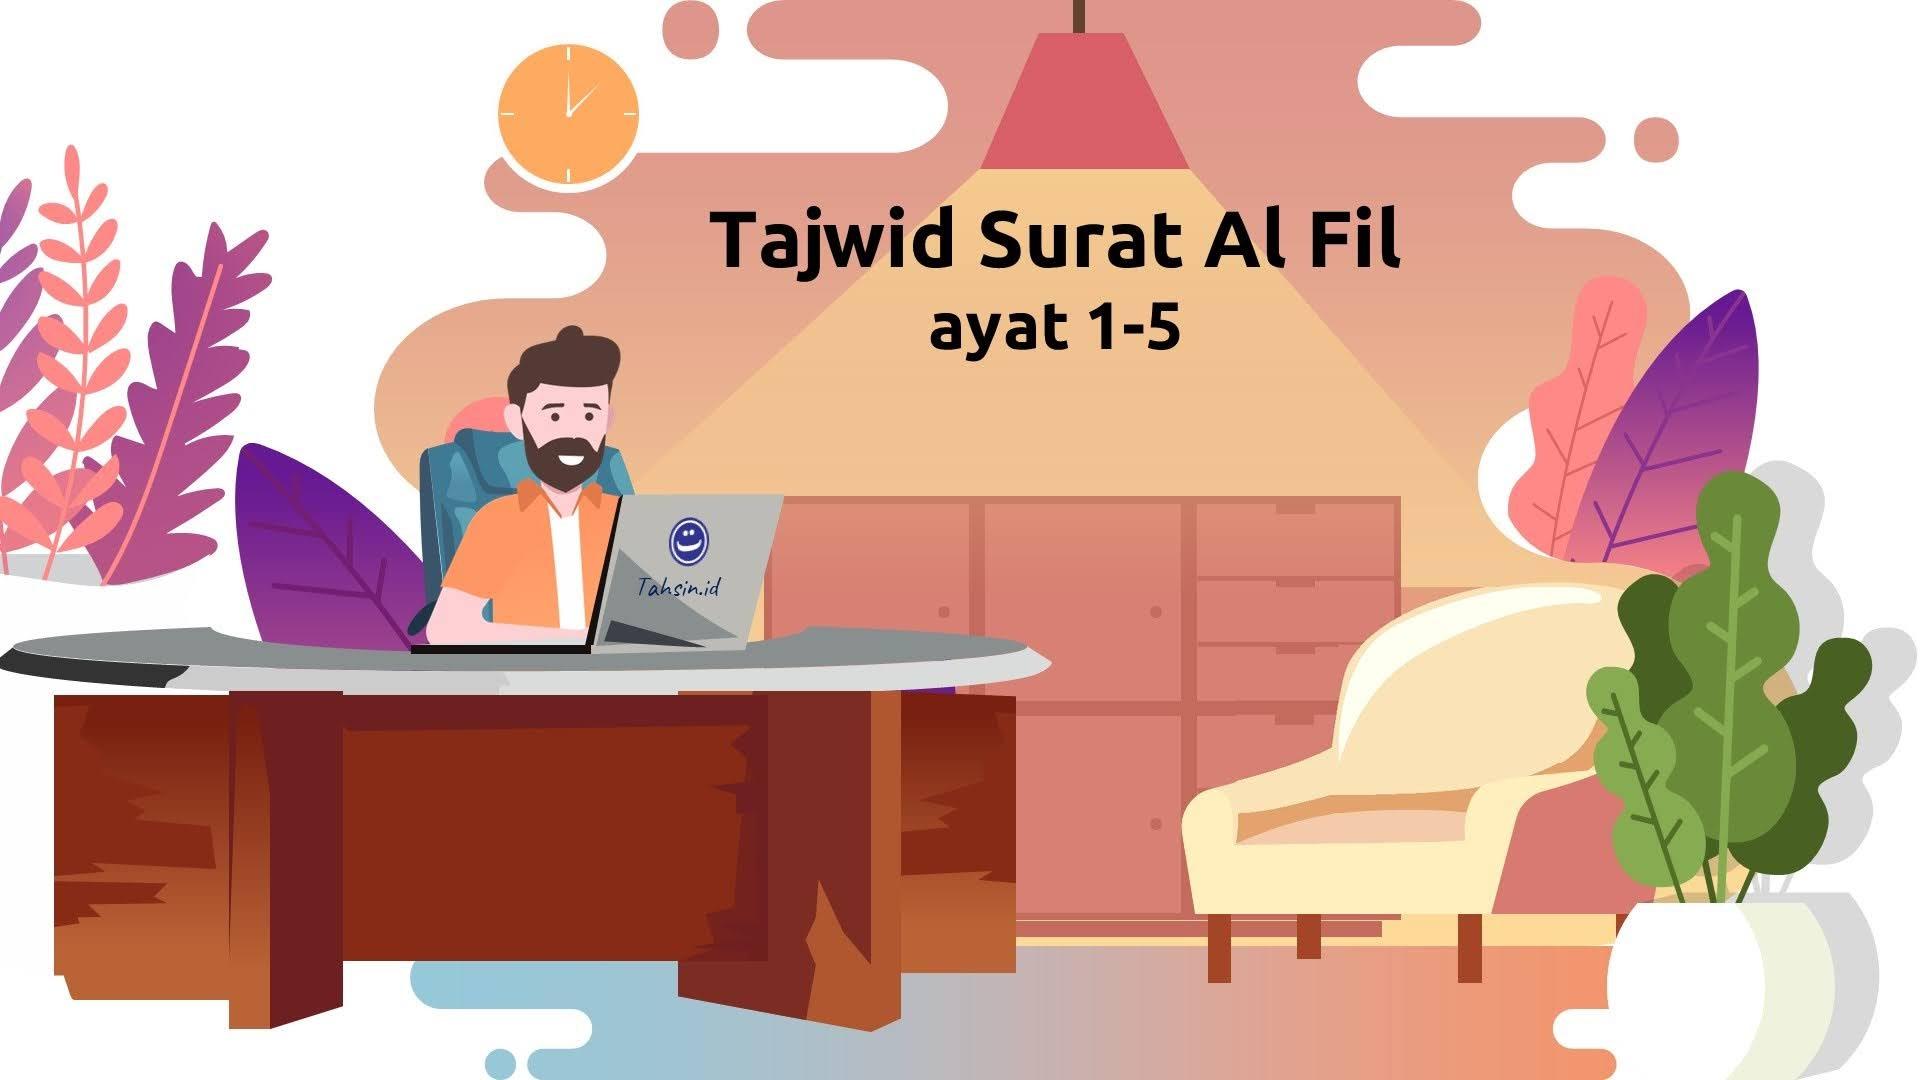 tajwid-surat-al-fil